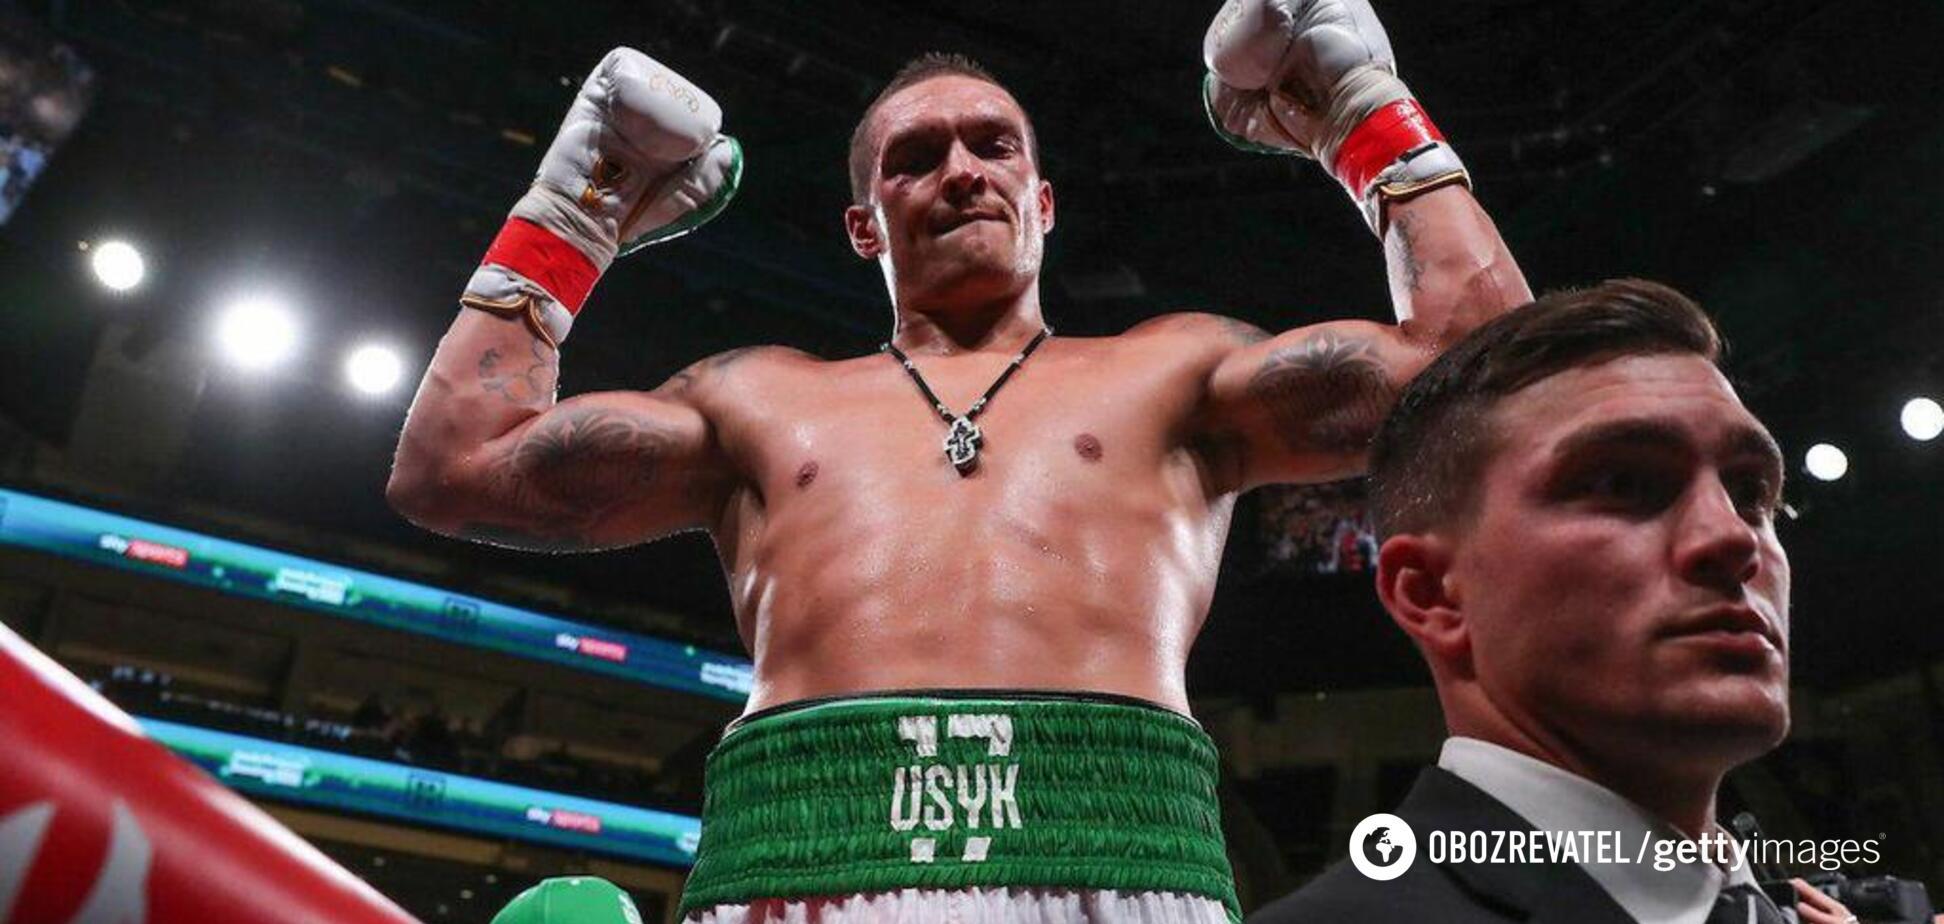 Лишь один бой: WBC принял громкое решение по Усику в супертяжах